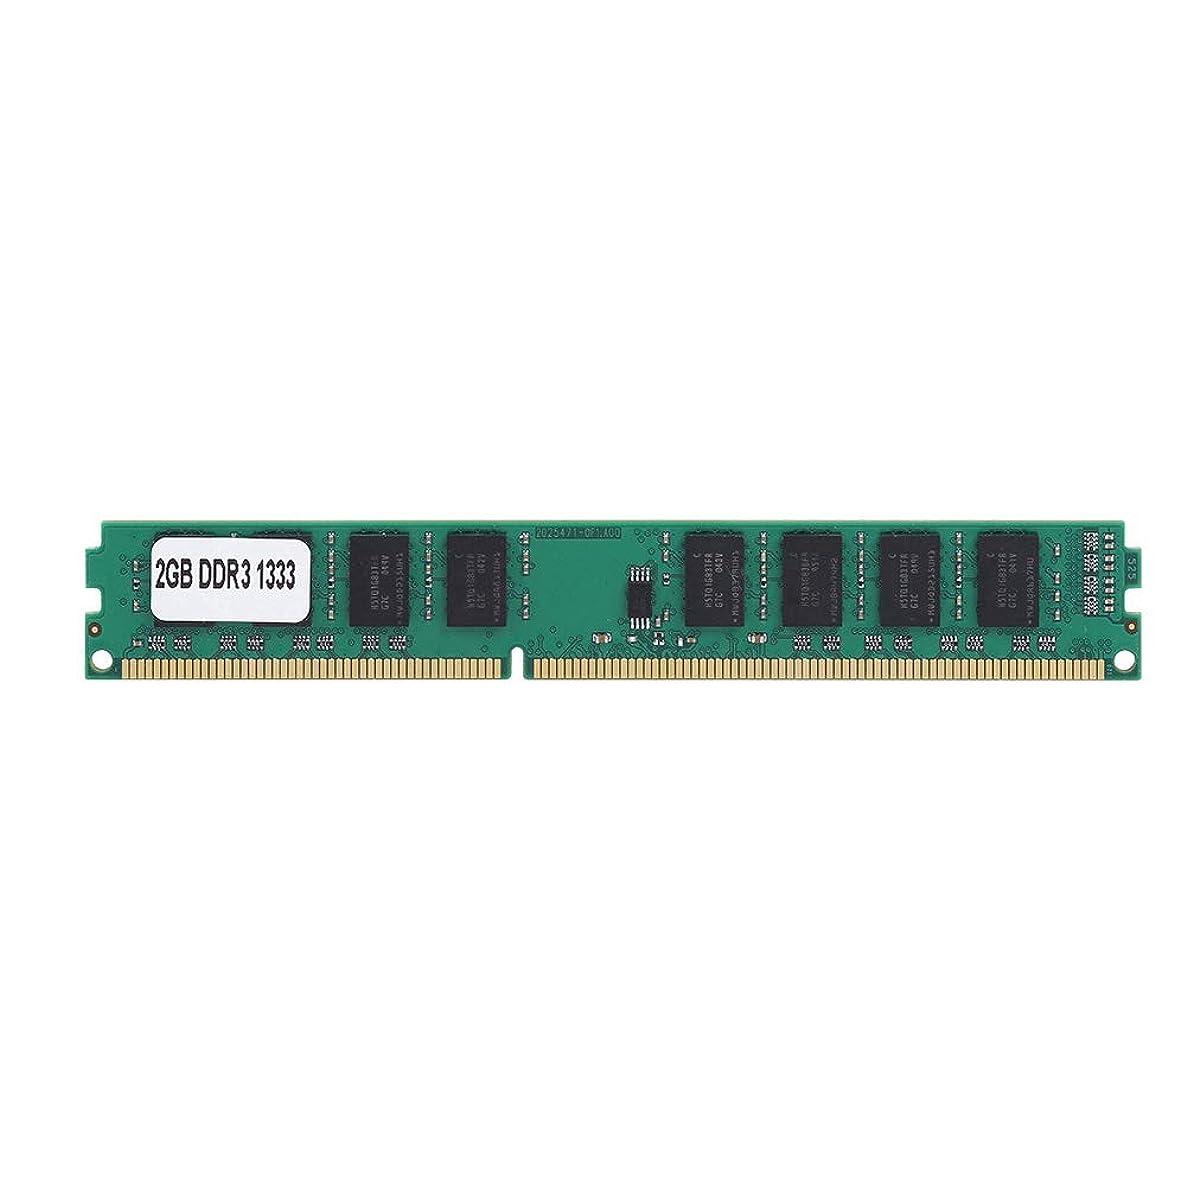 促す解釈試用DDR3 2GB RAM、DDR3 2GB 1333MHz DDR3メモリ超高速データ伝送240pin DDR3 2GB 1333MHz for Intel/AMD、RAM